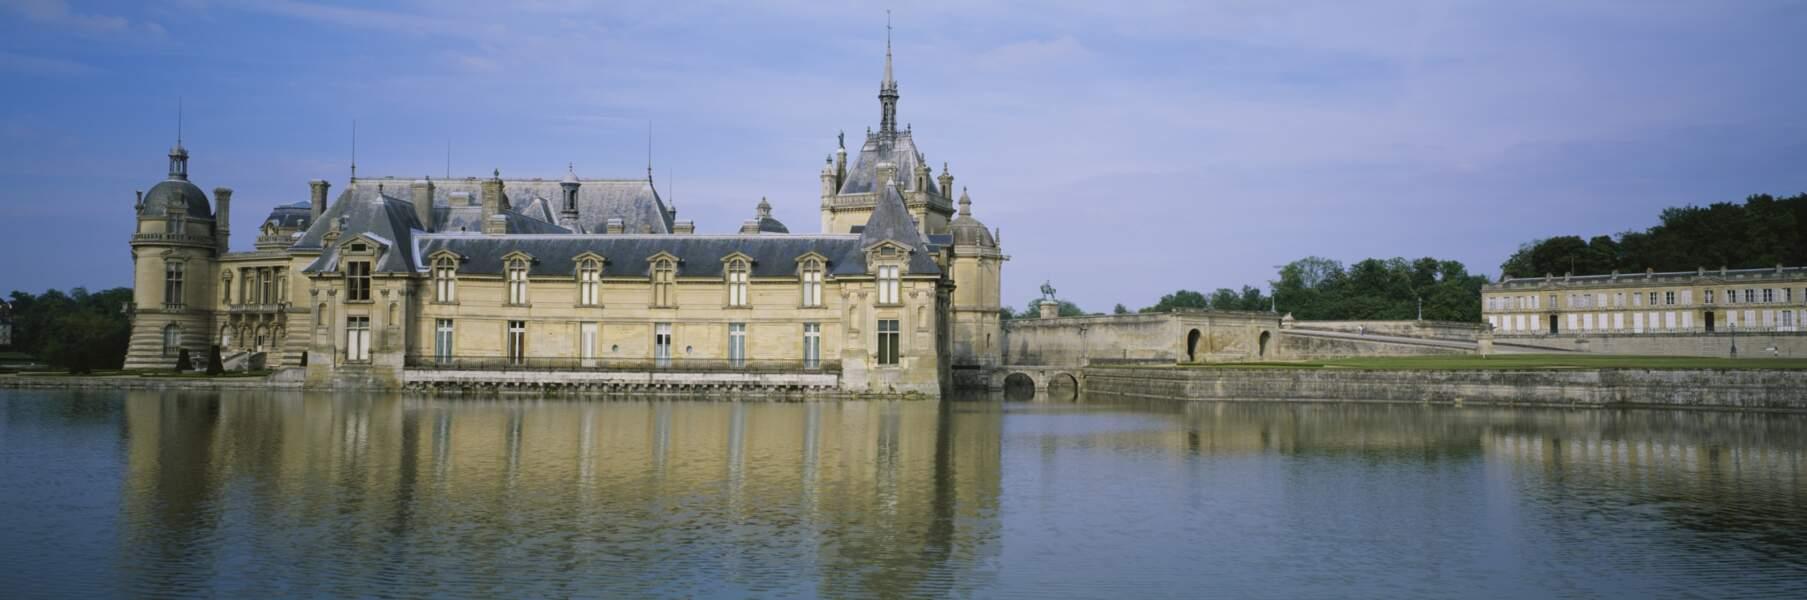 France - Le château de Chantilly, QG de l'ignoble Zorin